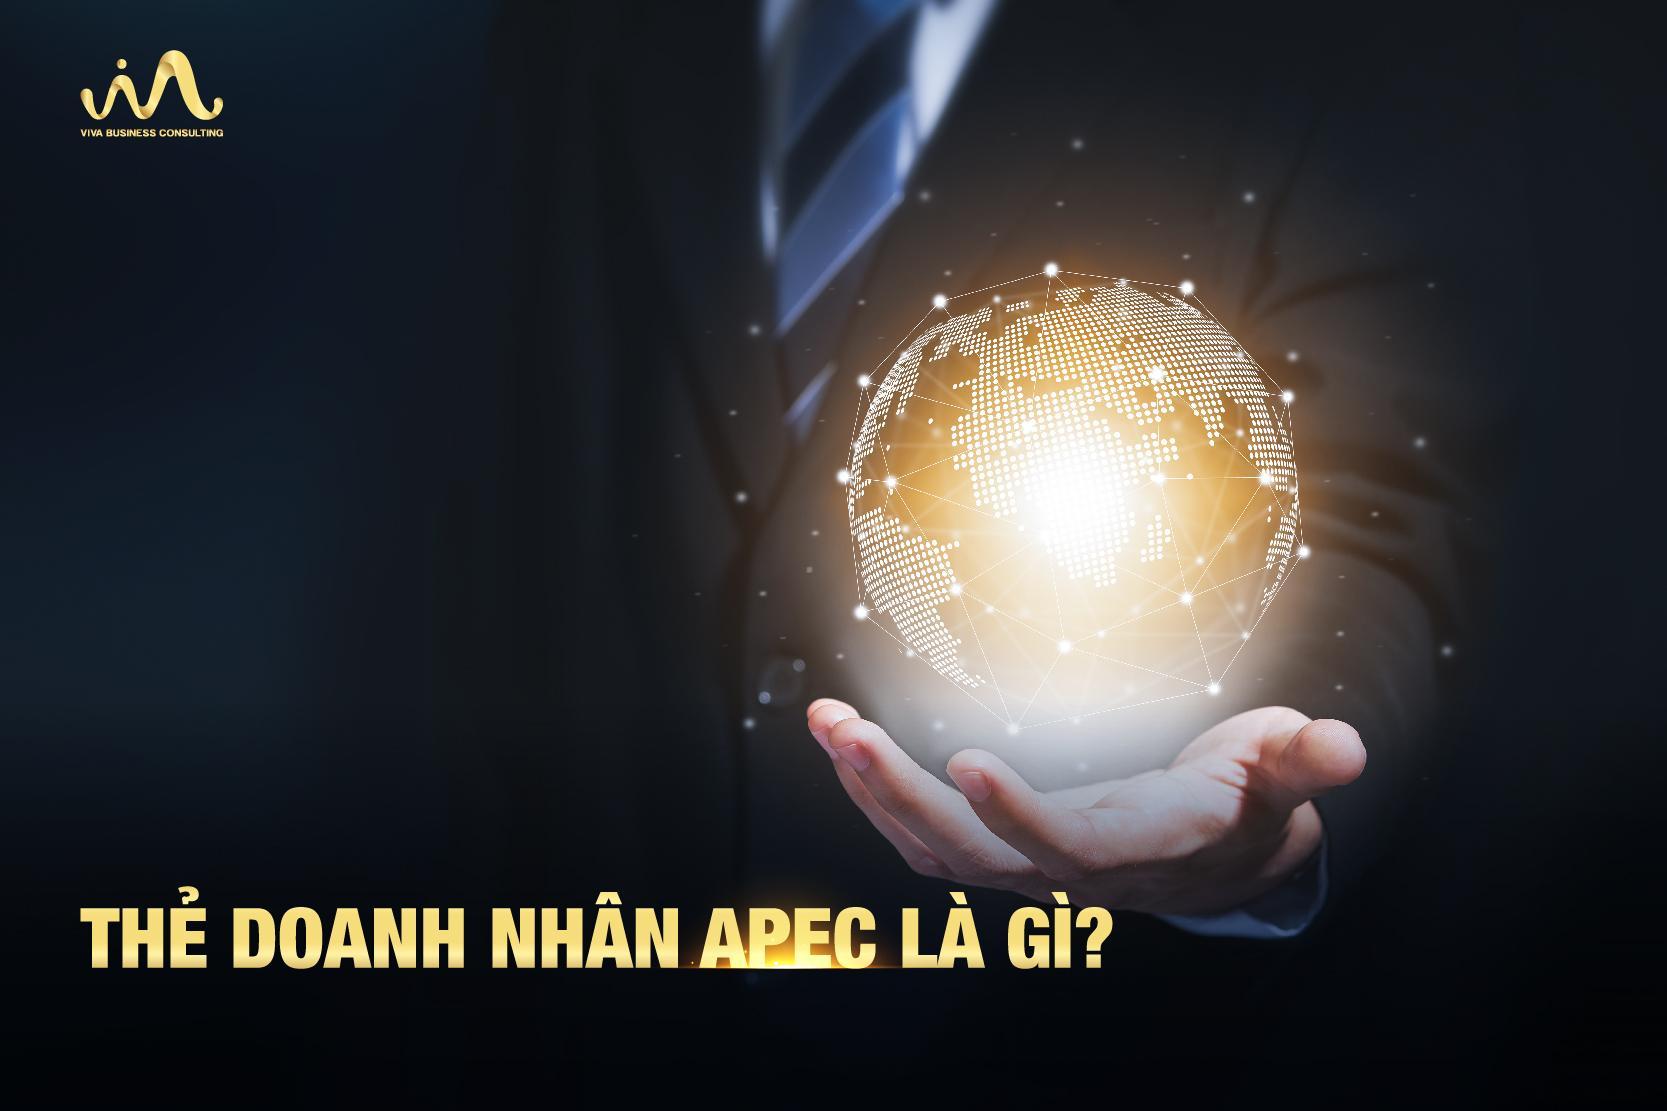 Thẻ APEC là gì ?